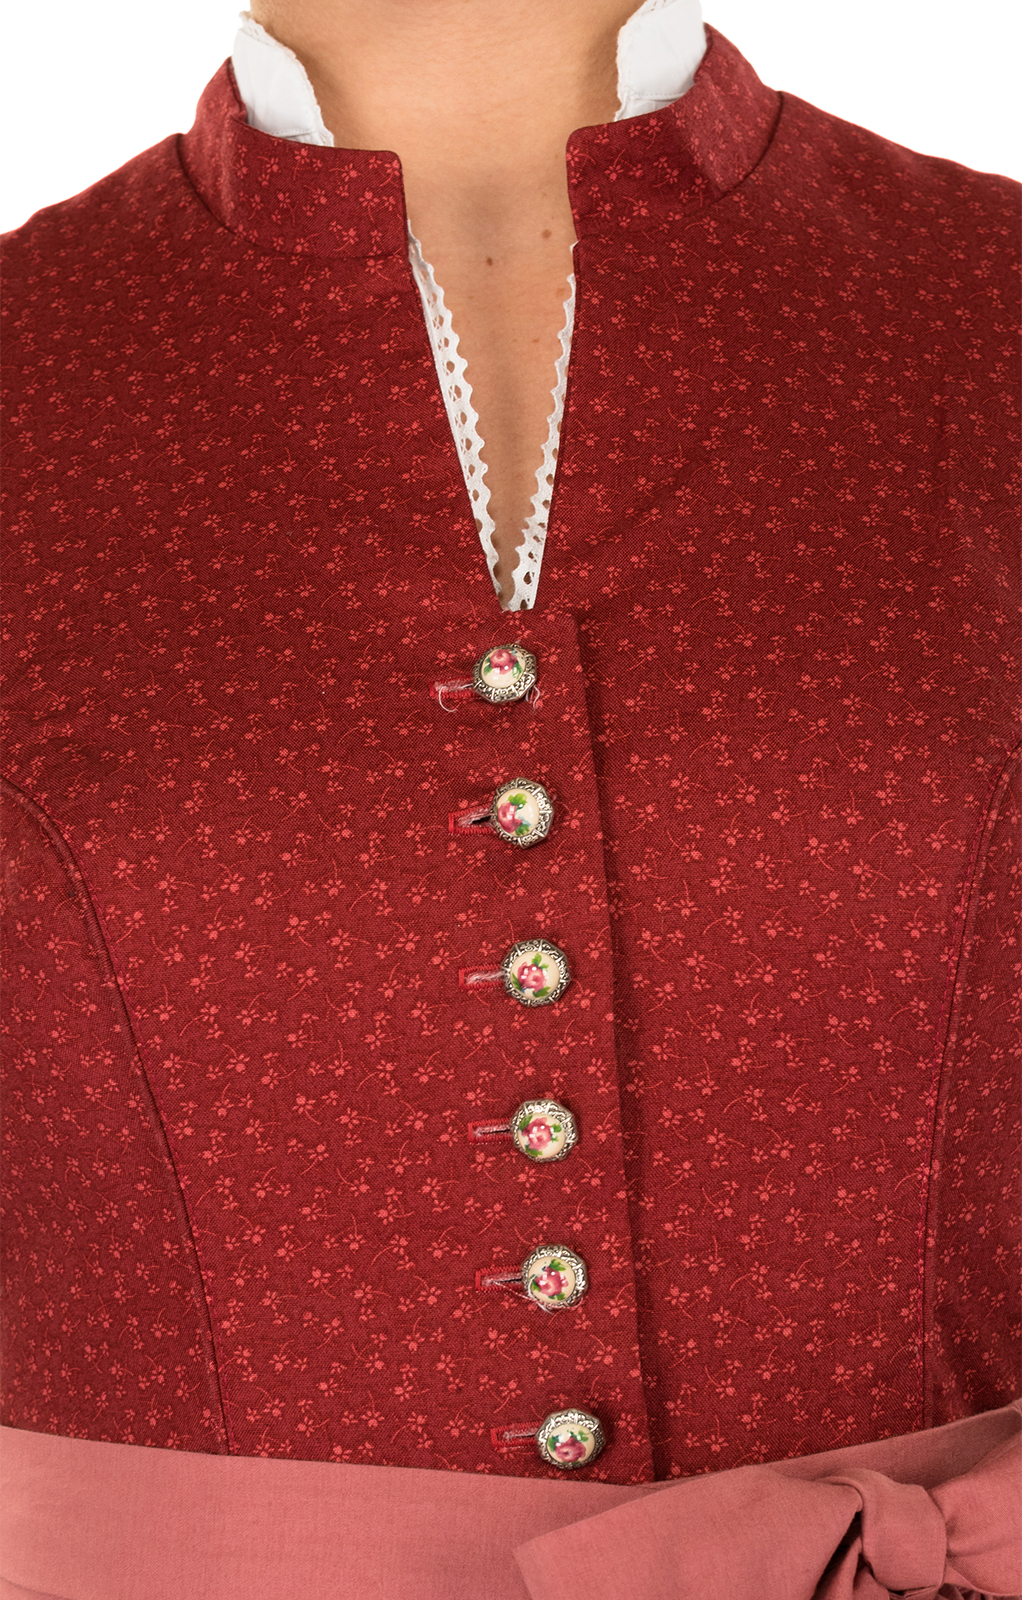 weitere Bilder von Mididirndl 2pcs. 65 cm Barbara red